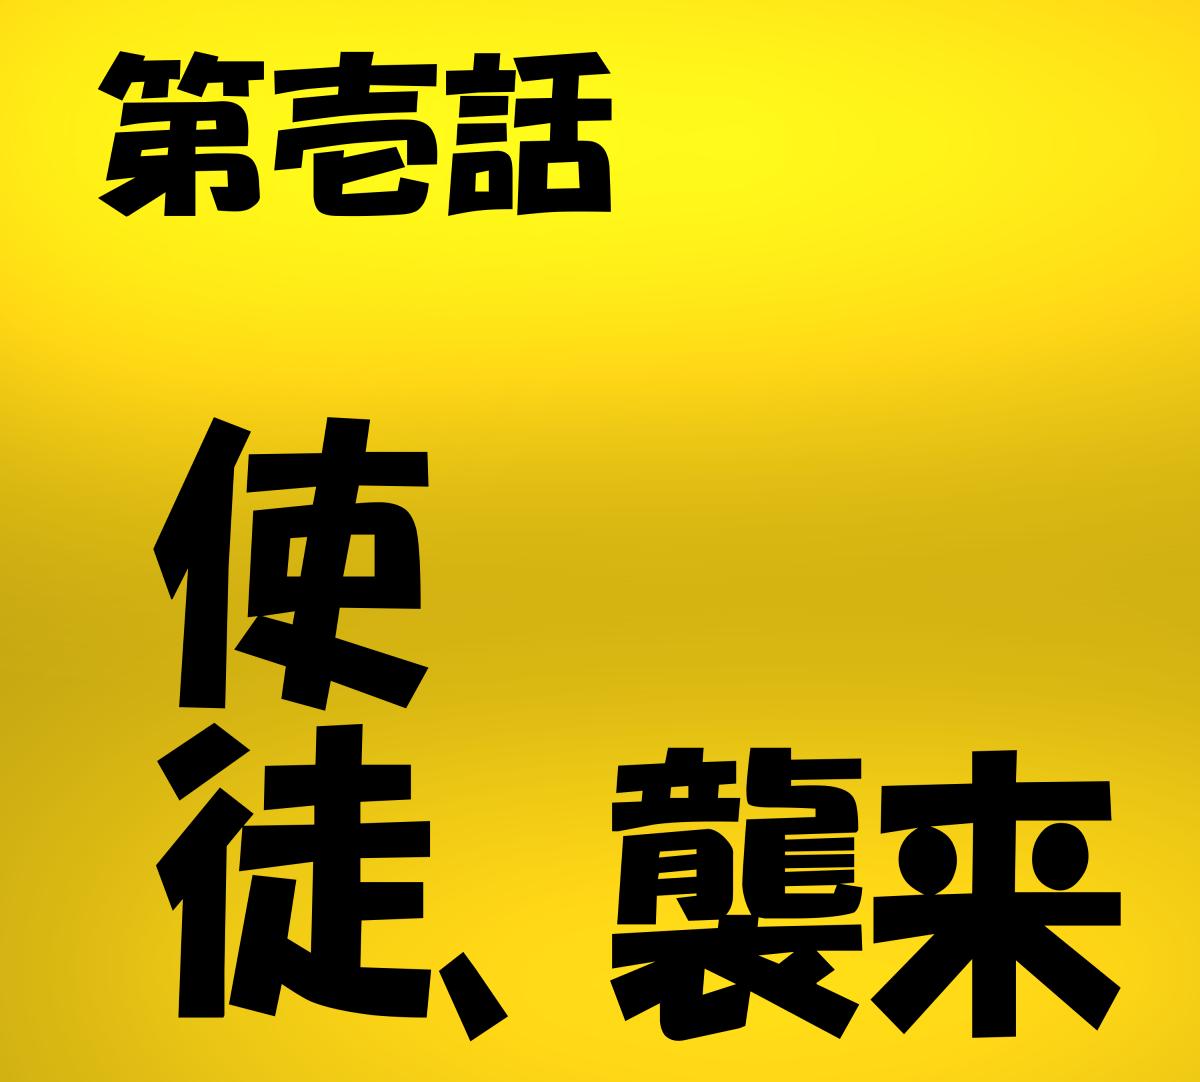 f:id:MagurotsuKajiki:20201014153226p:plain